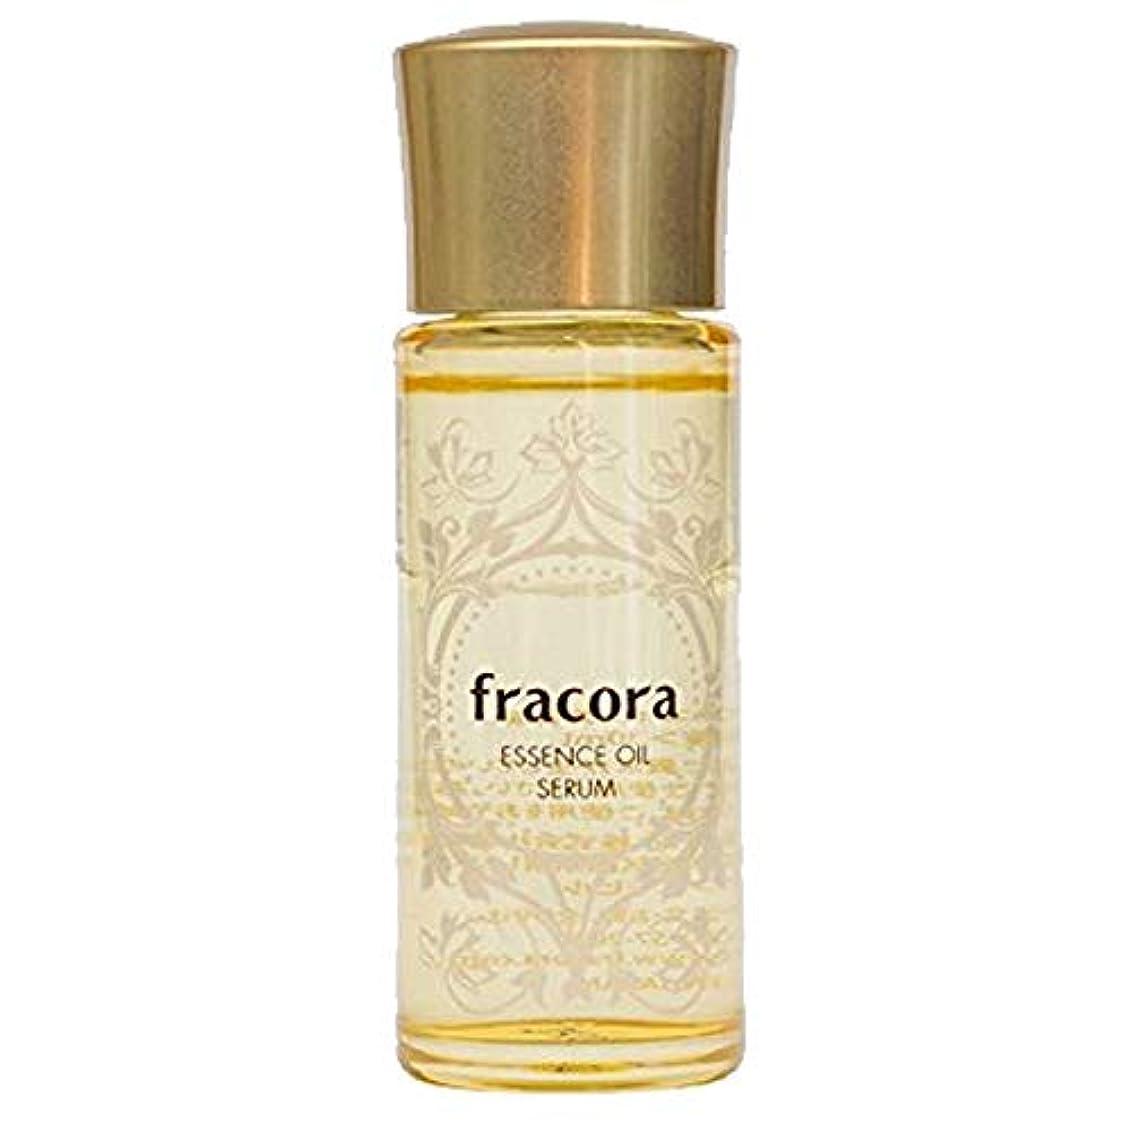 資金報復する一般的に言えばfracora(フラコラ) エッセンスオイル美容液 30mL